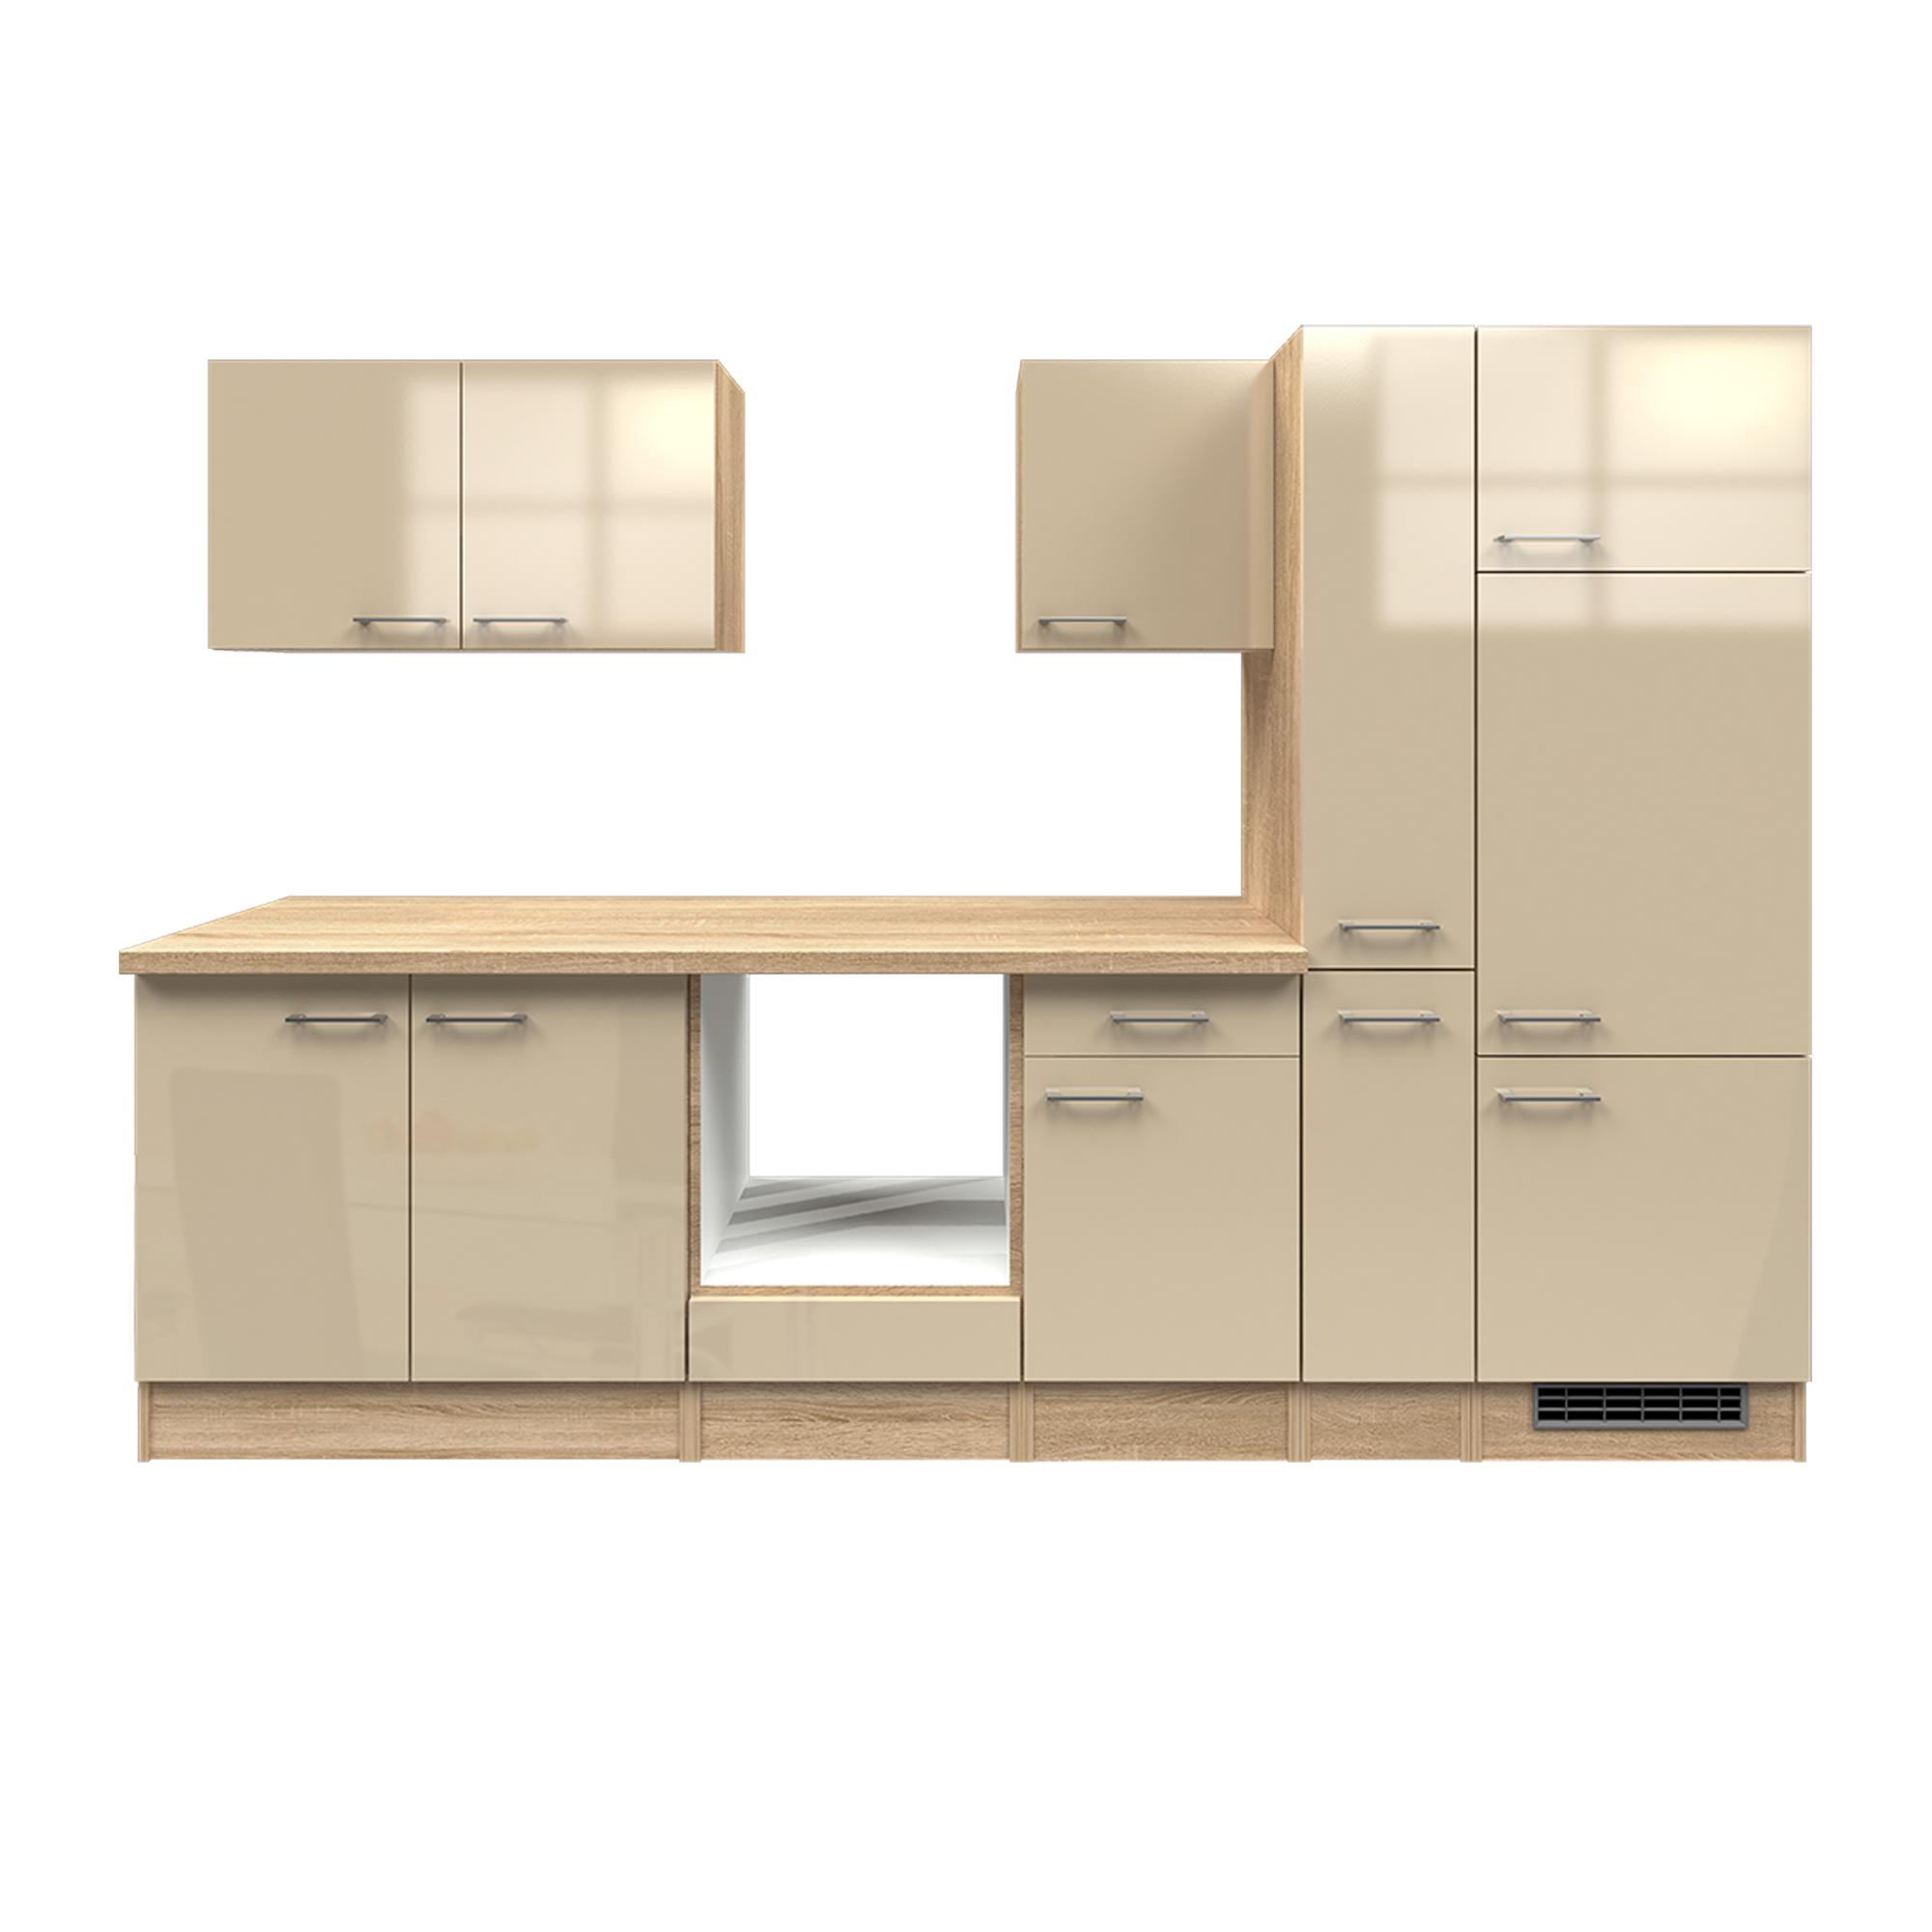 k chenzeile nepal k chen leerblock breite 300 cm. Black Bedroom Furniture Sets. Home Design Ideas